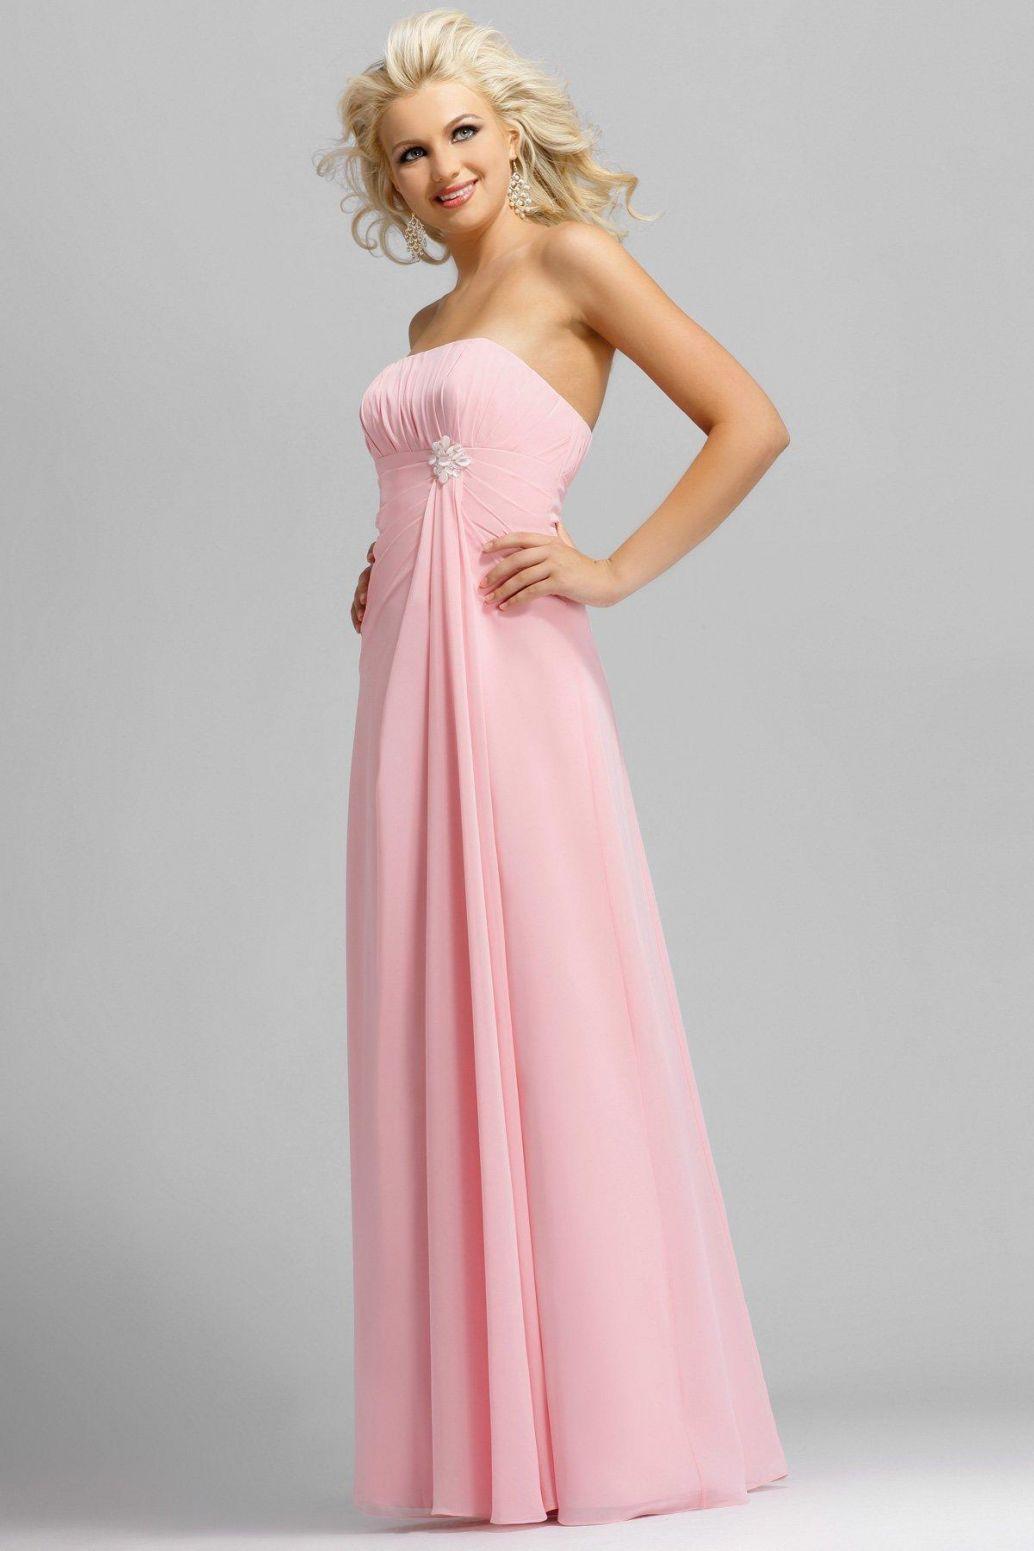 long bright pink bridesmaid dress bridesmaid wedding dresses Long Bright Pink Bridesmaid Dress Designs